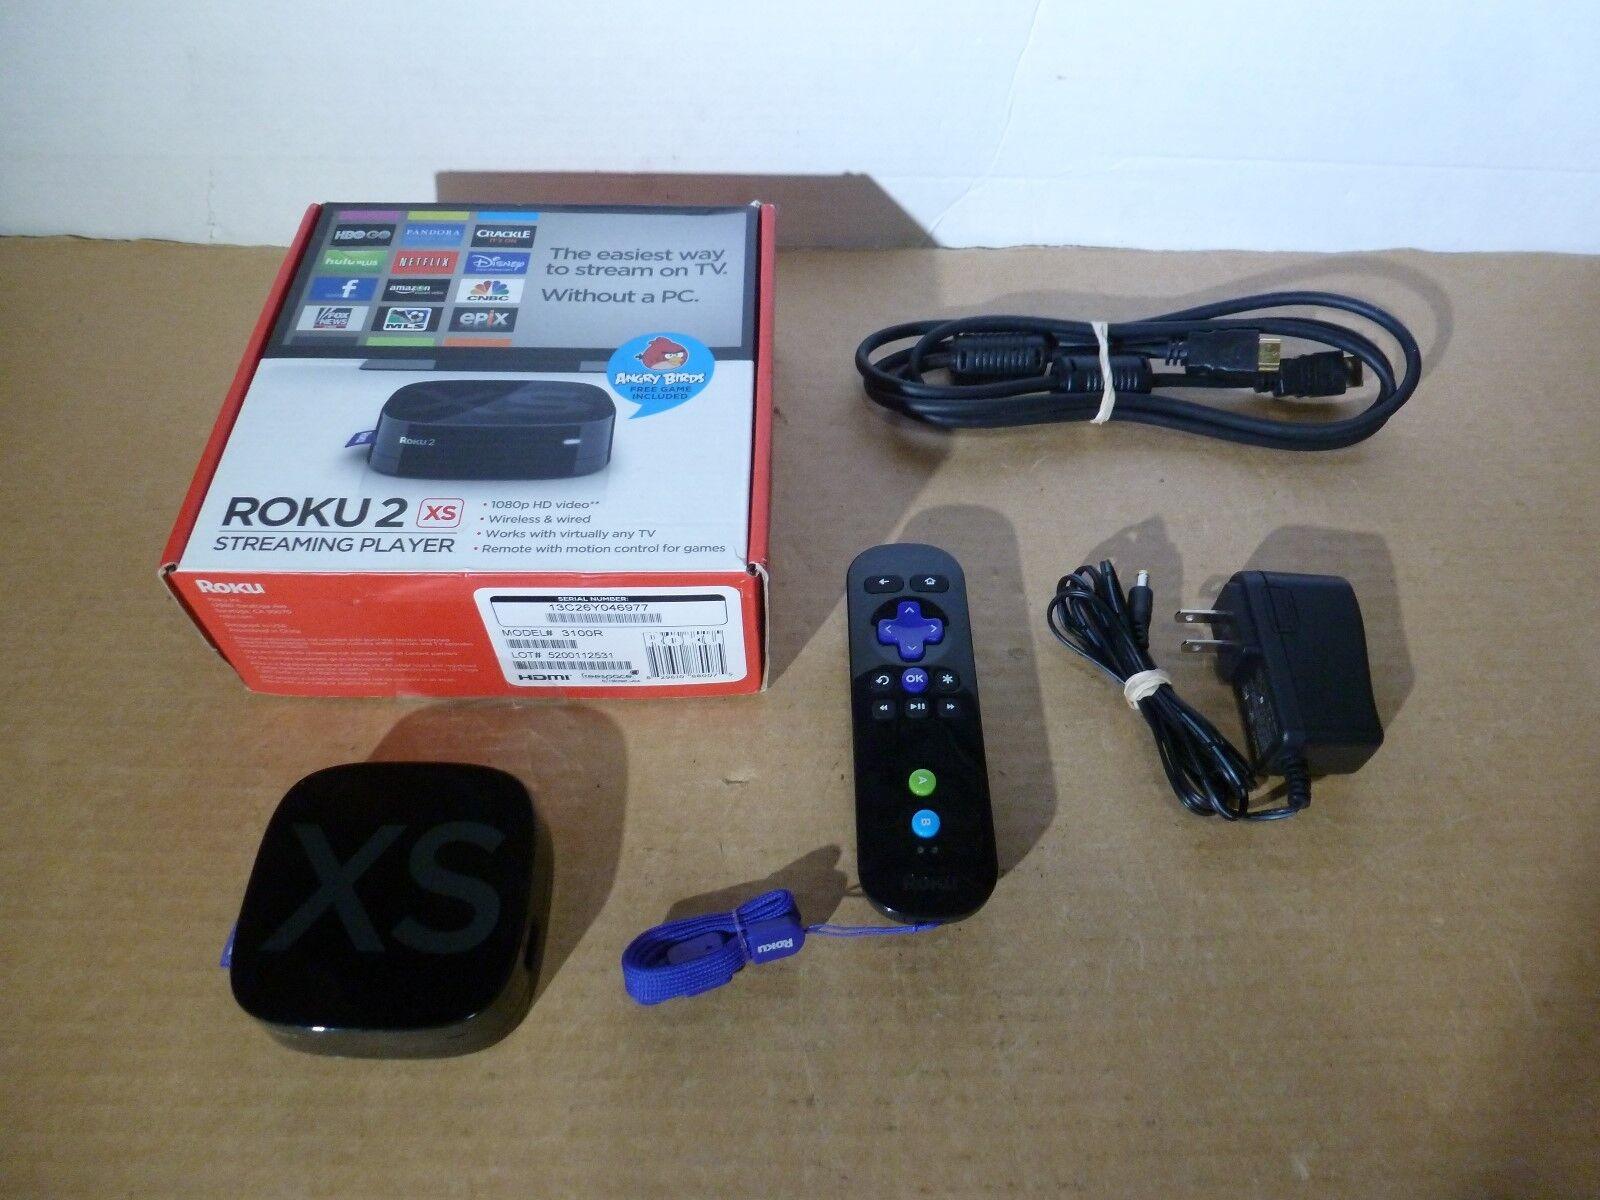 MIB ROKU 2 XS model 3100R Full HD WiFi Digital Streaming Media